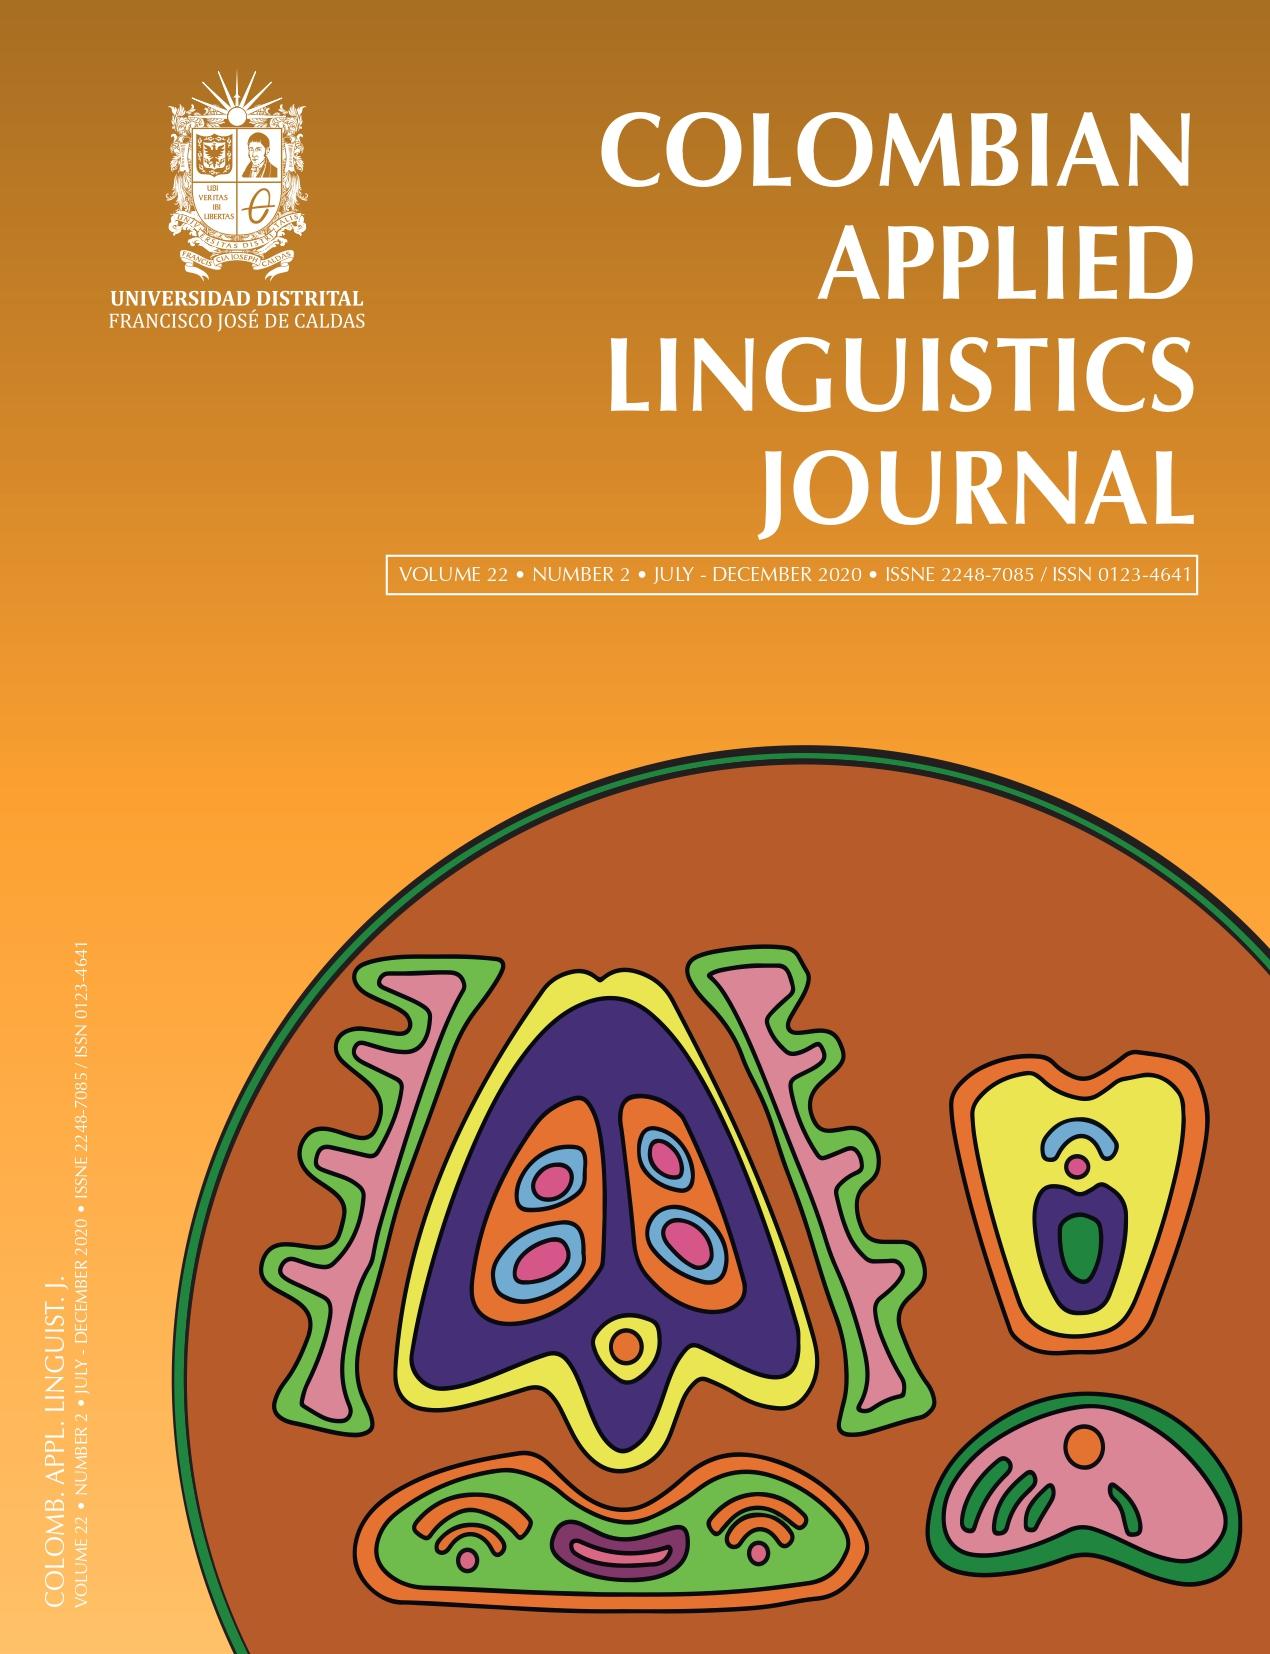 cover-issue-1044-en-us.jpg